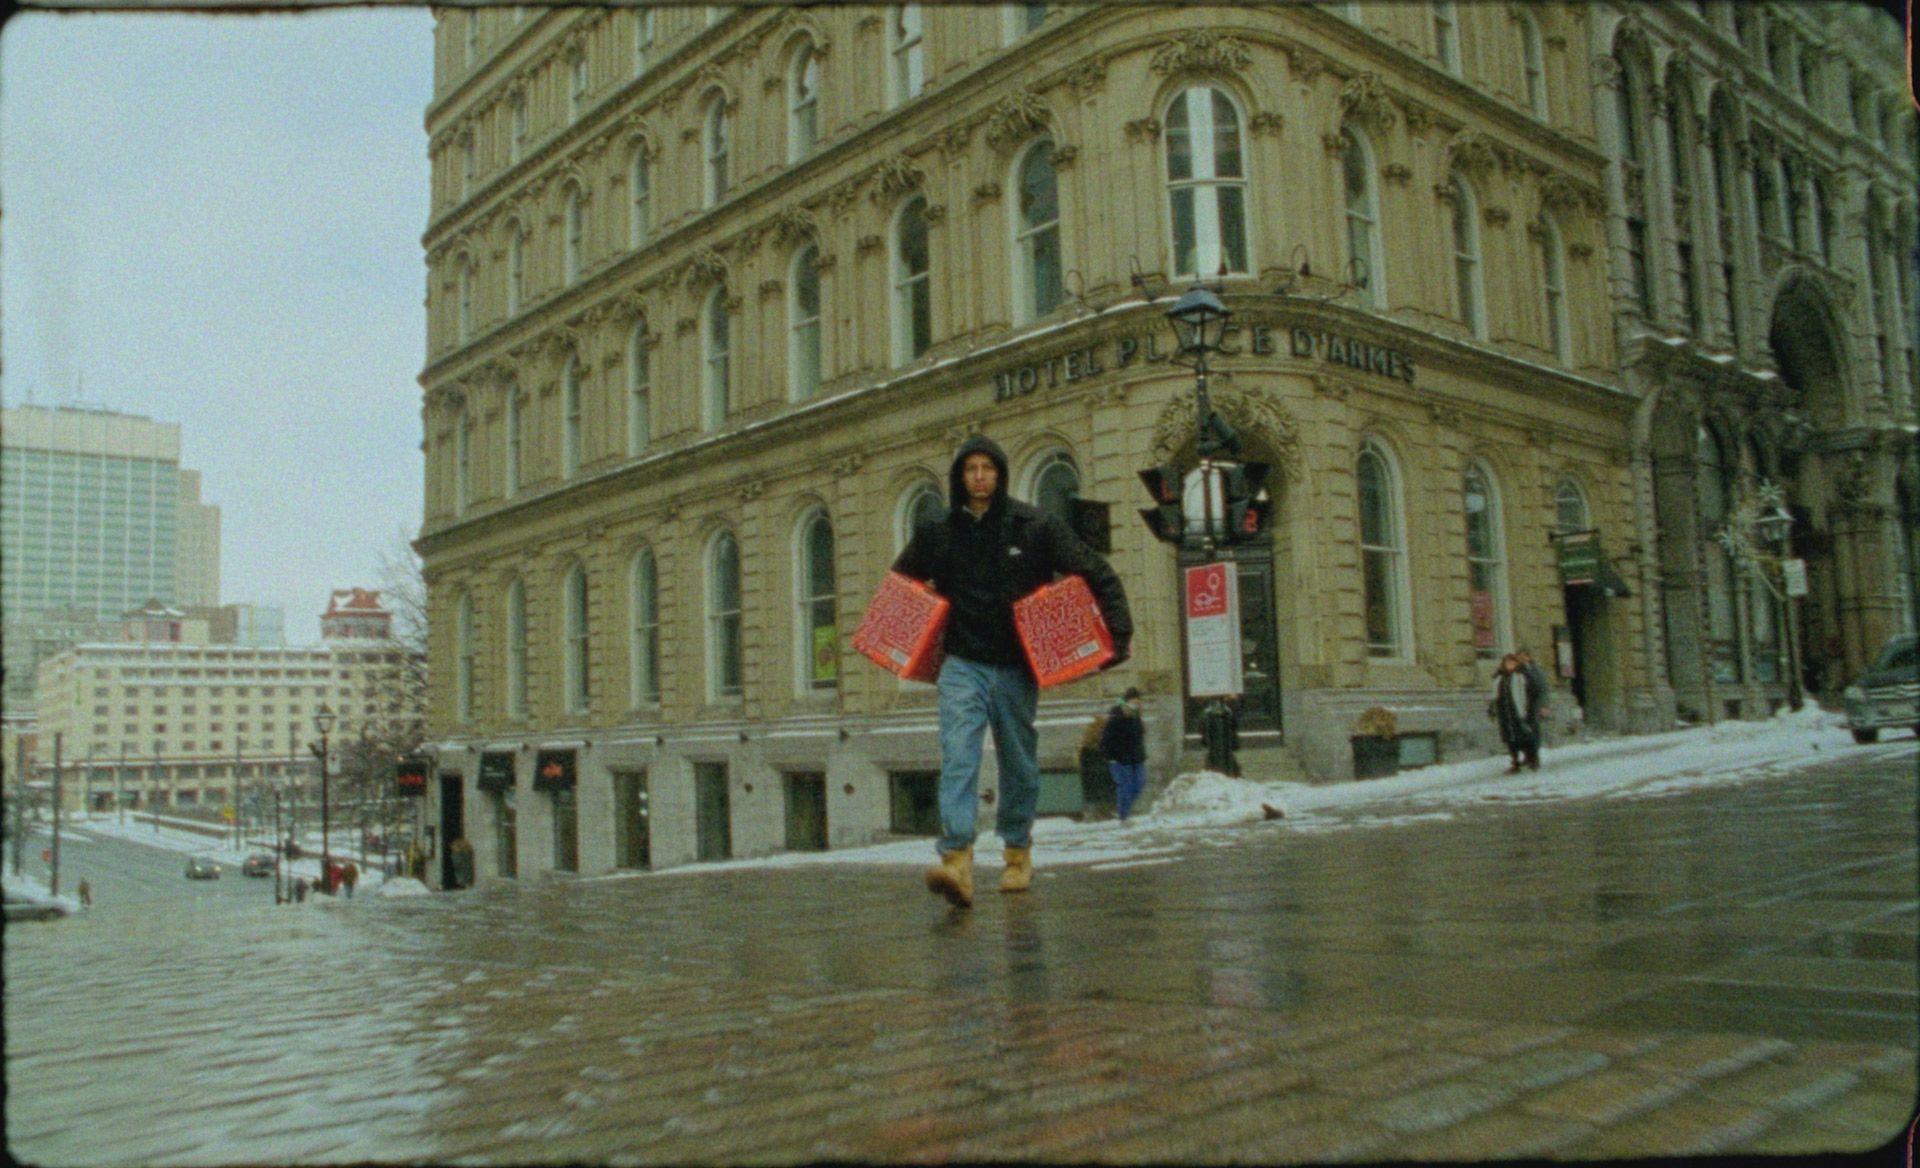 Homme marchant avec une caisse de Havana Club édition spéciale sous chaque bras et marchant dans l'hiver de Montréal.